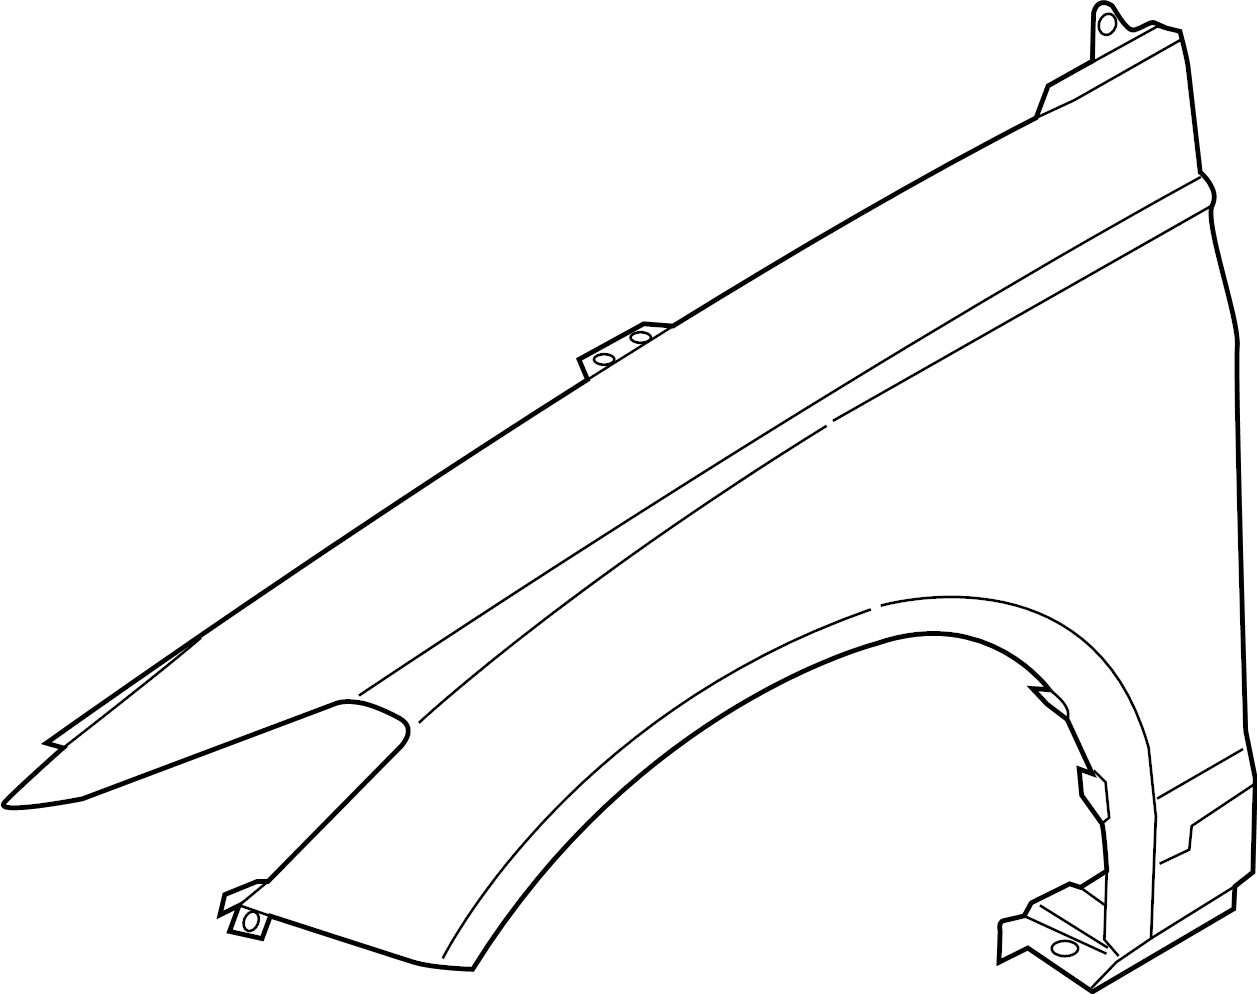 2014 Ford Fusion Fender (Front). W/ENERGI. W/O ENERGI